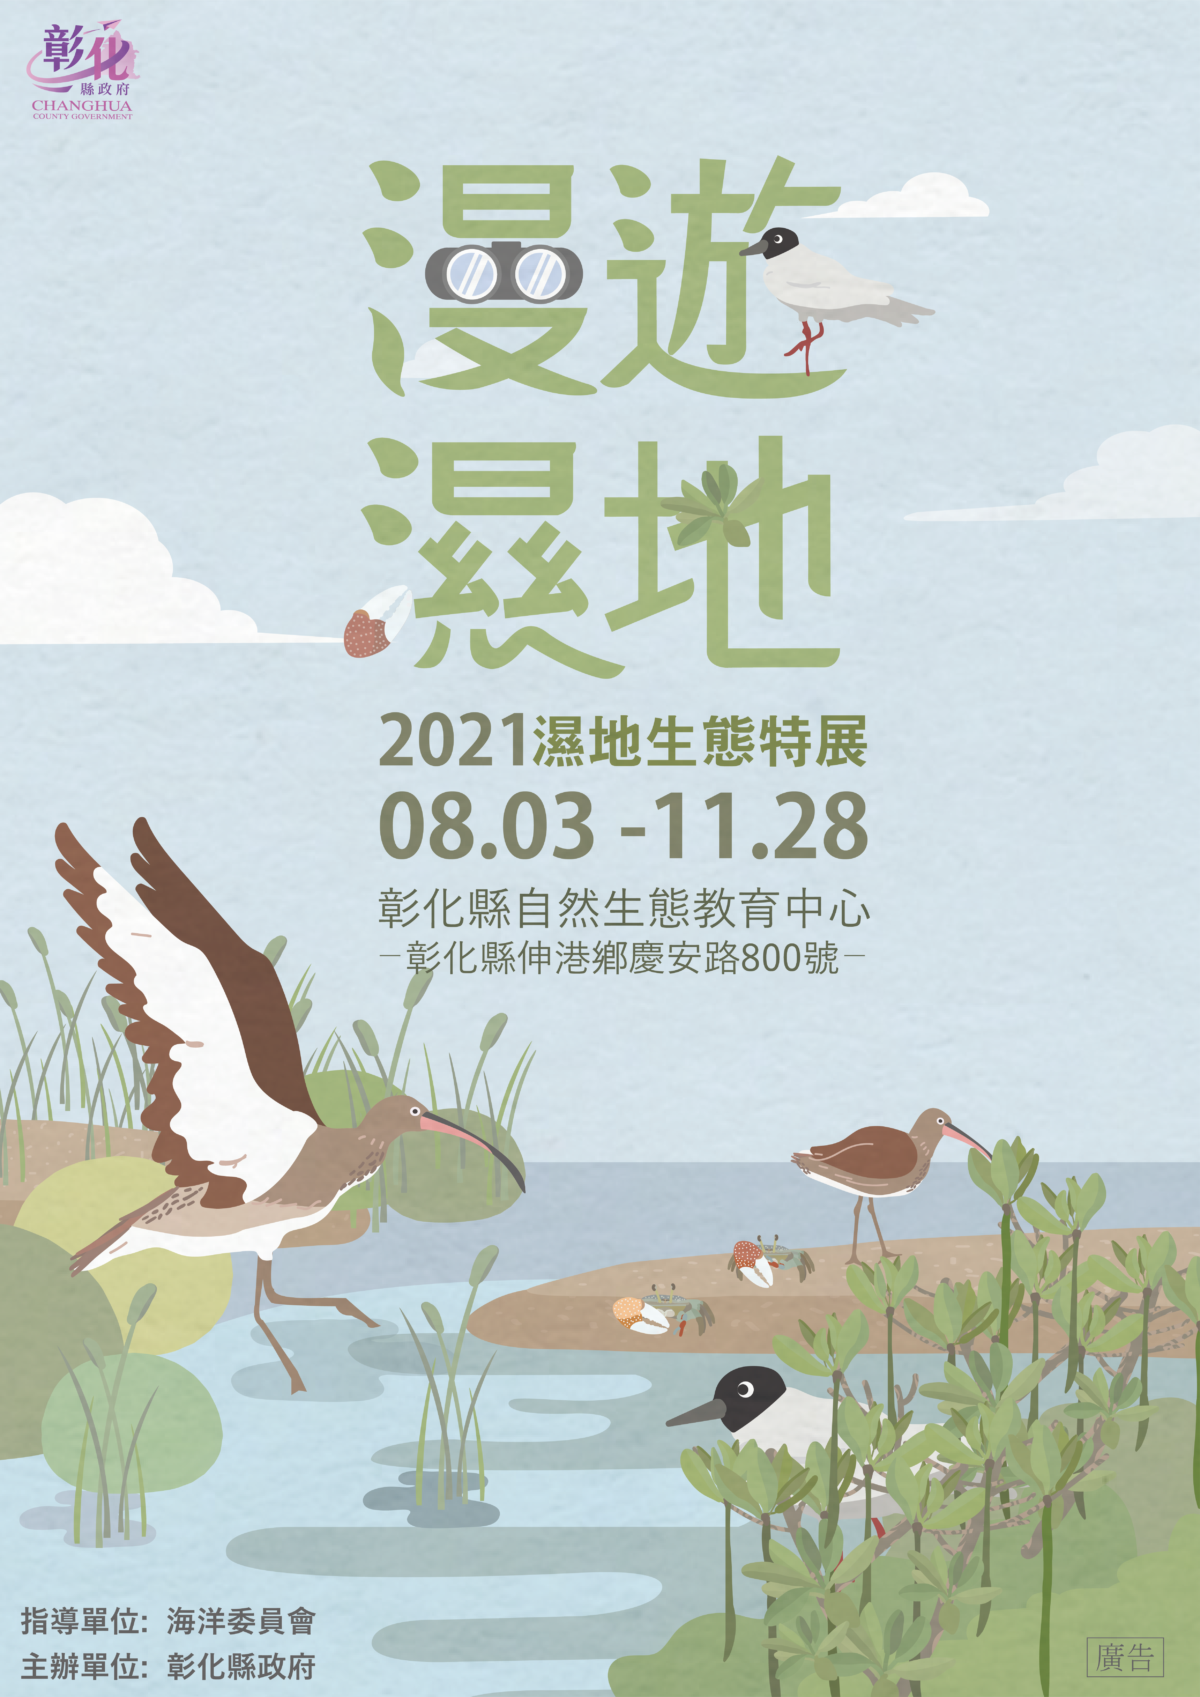 漫遊濕地特展 一場濕地生態探索之旅,邀請您一同體驗濕地之美